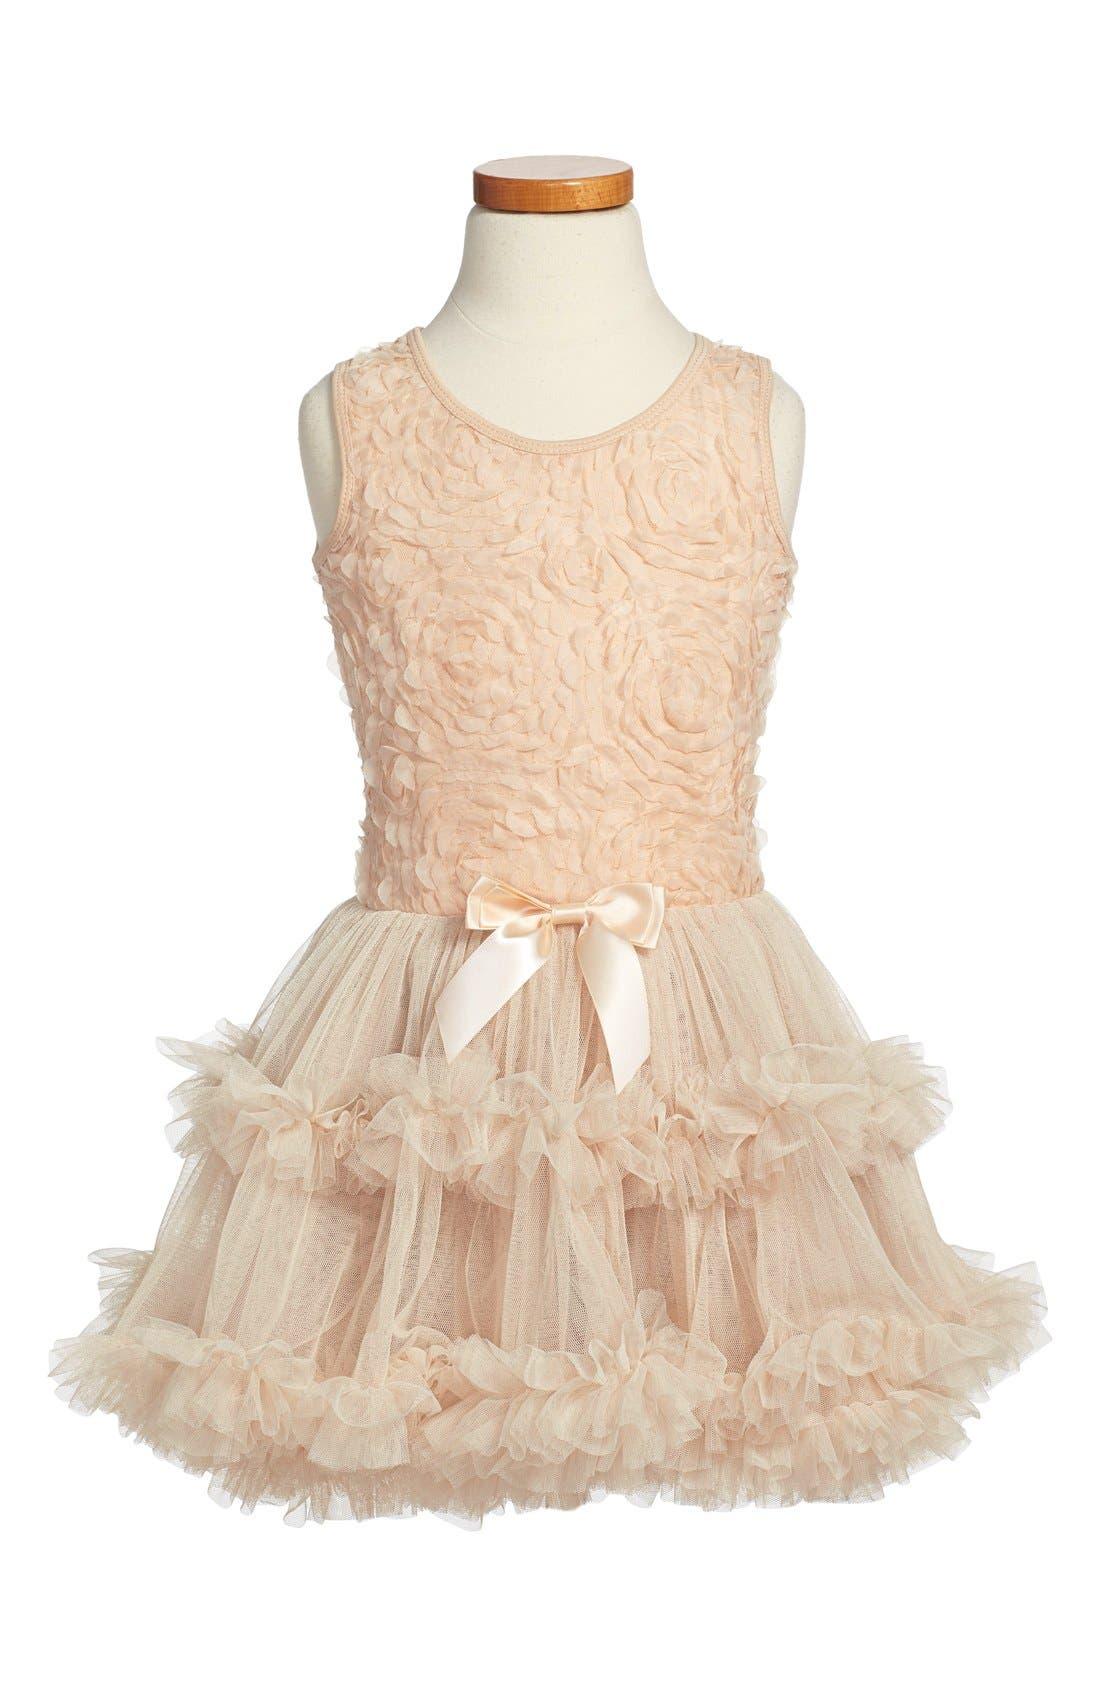 POPATU, Ribbon Rosette Sleeveless Dress, Main thumbnail 1, color, IVORY